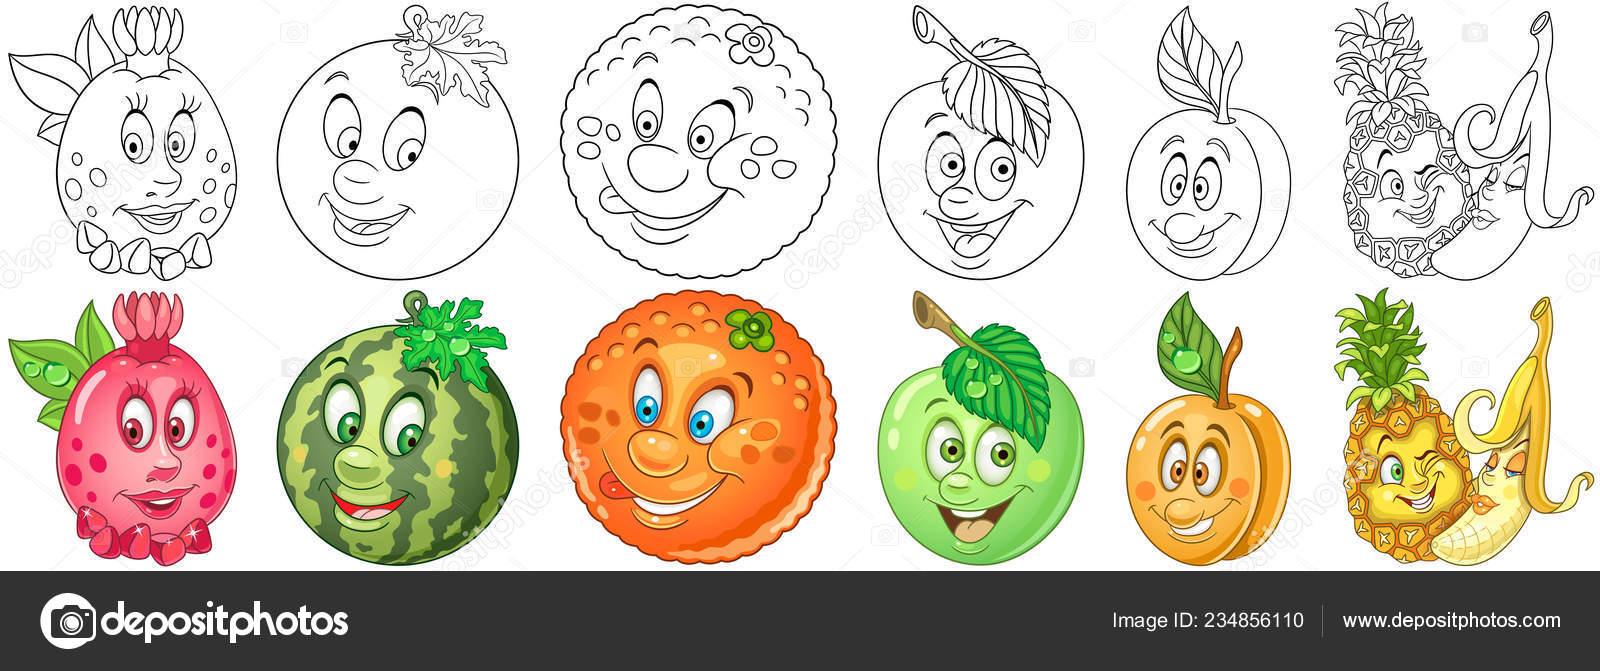 Kleurplaten Fruit En Groente.Fruit Set Tekenfilm Kleurplaten Groenten Tekens Stockvector